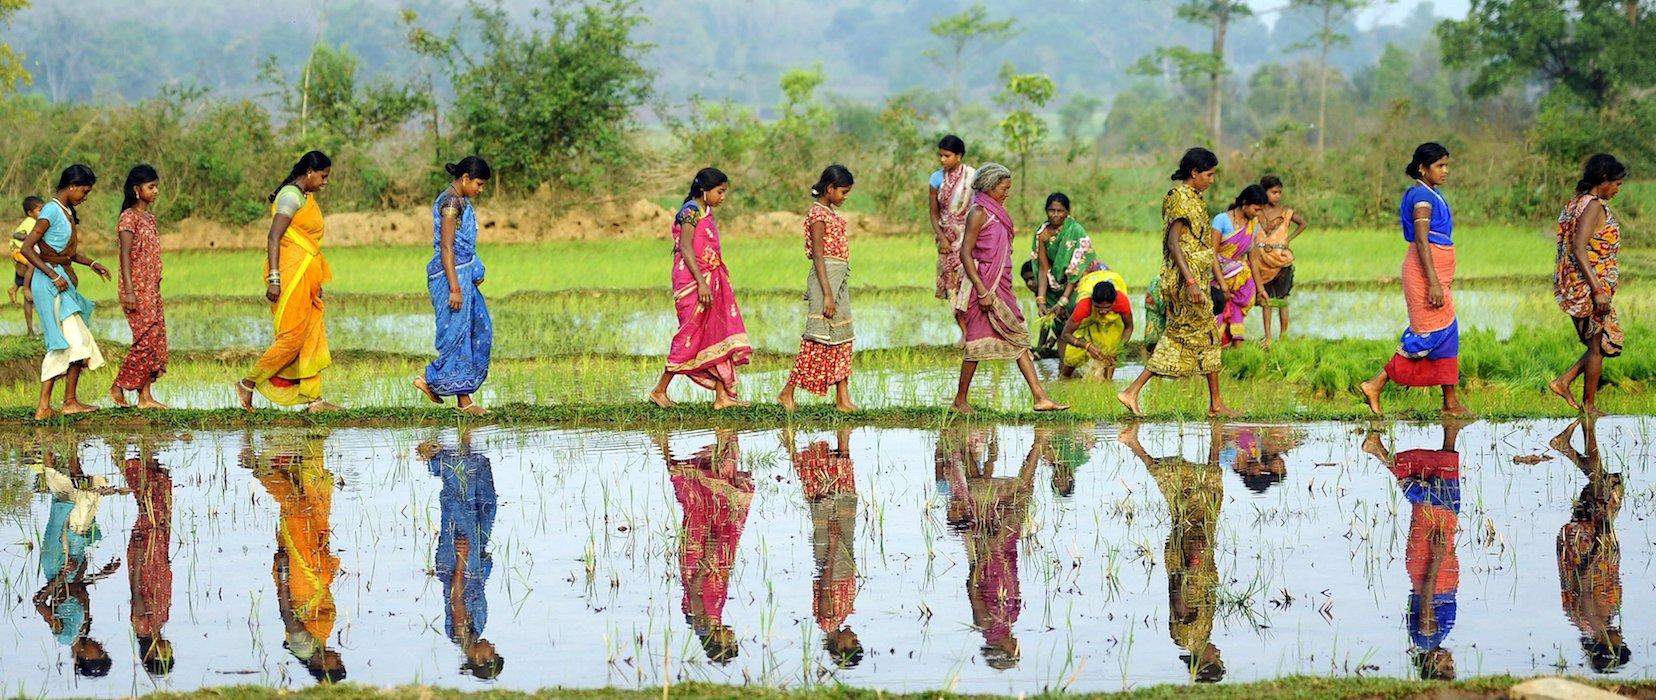 women global goals un.jpg